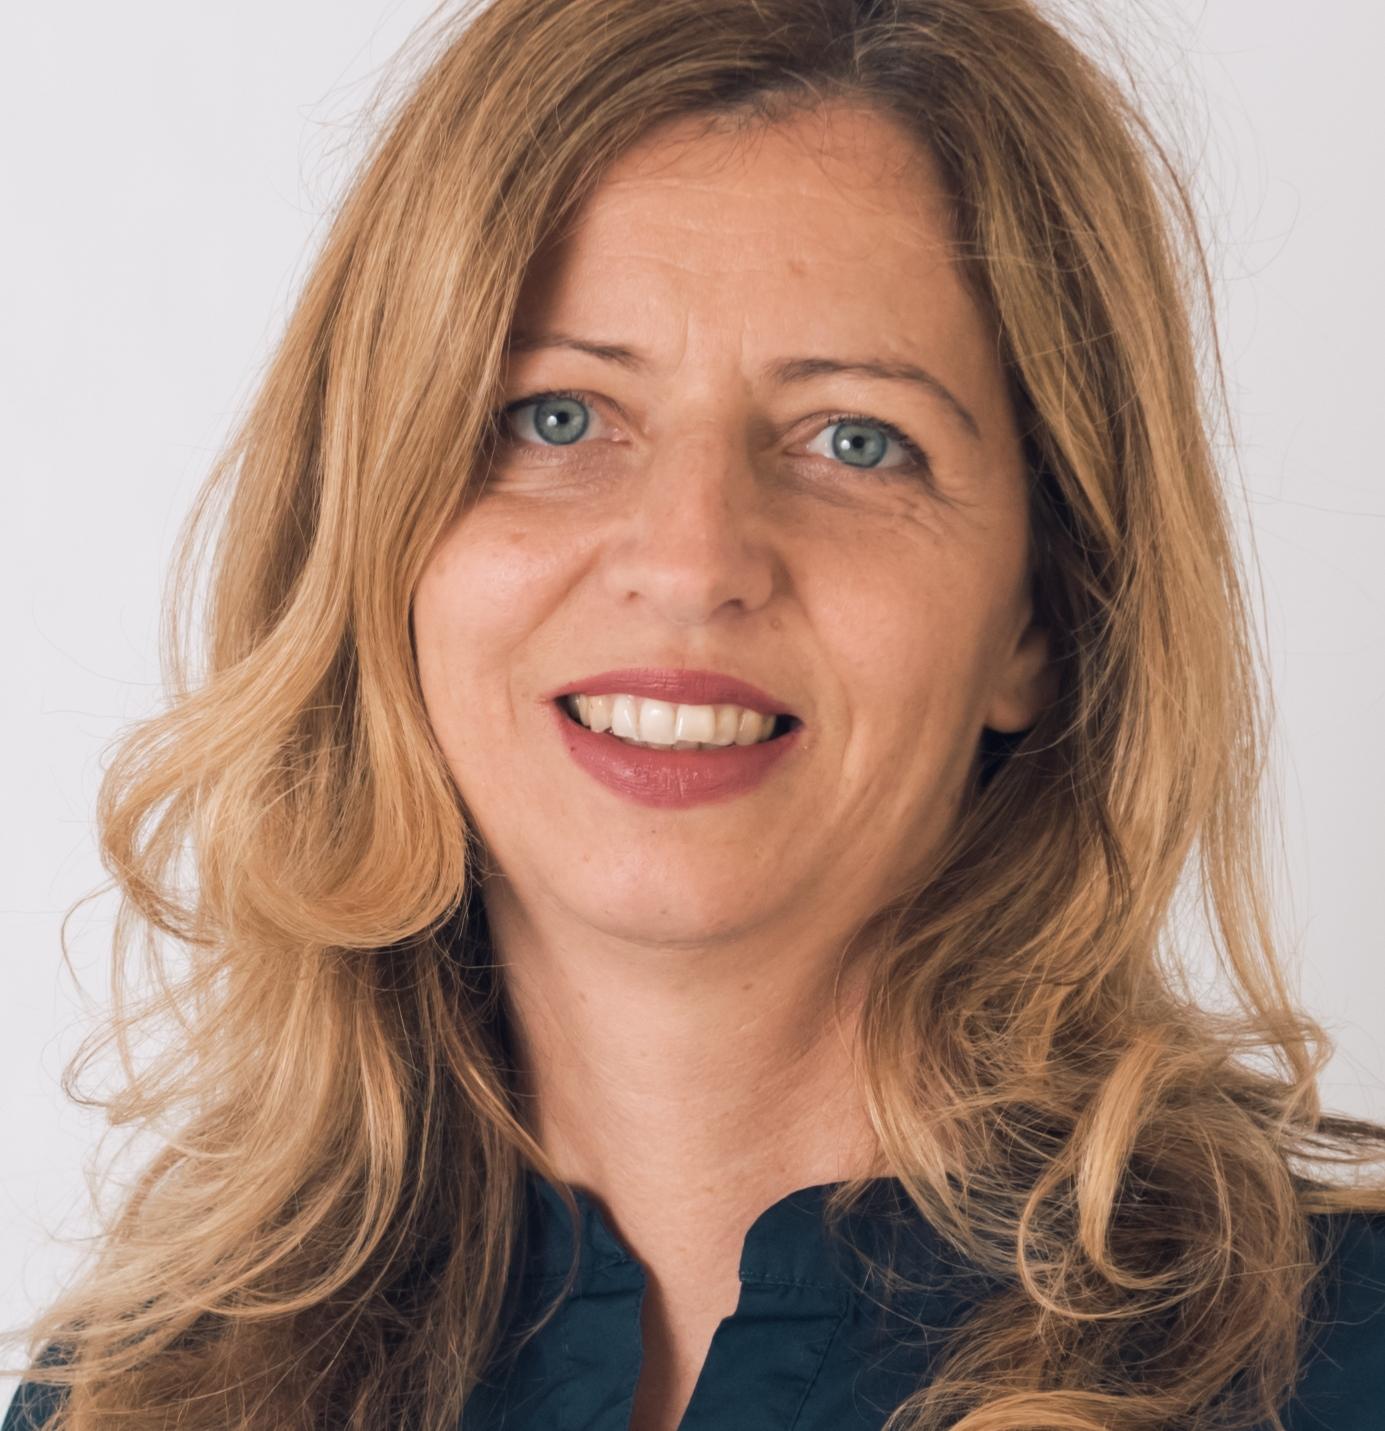 Manuela Rungg